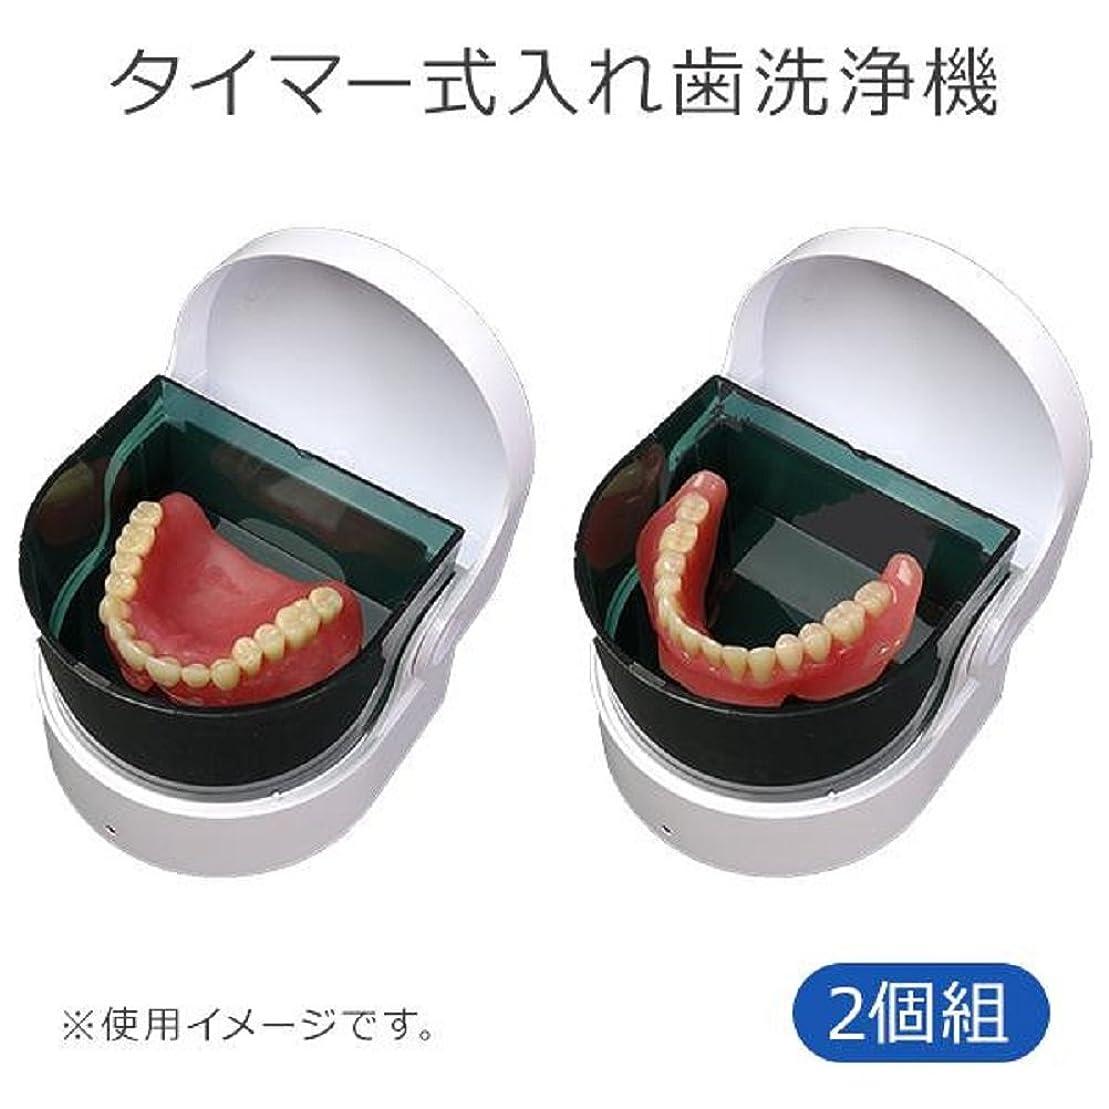 母性大工オフセットタイマー式入れ歯洗浄機 2個組 K12327